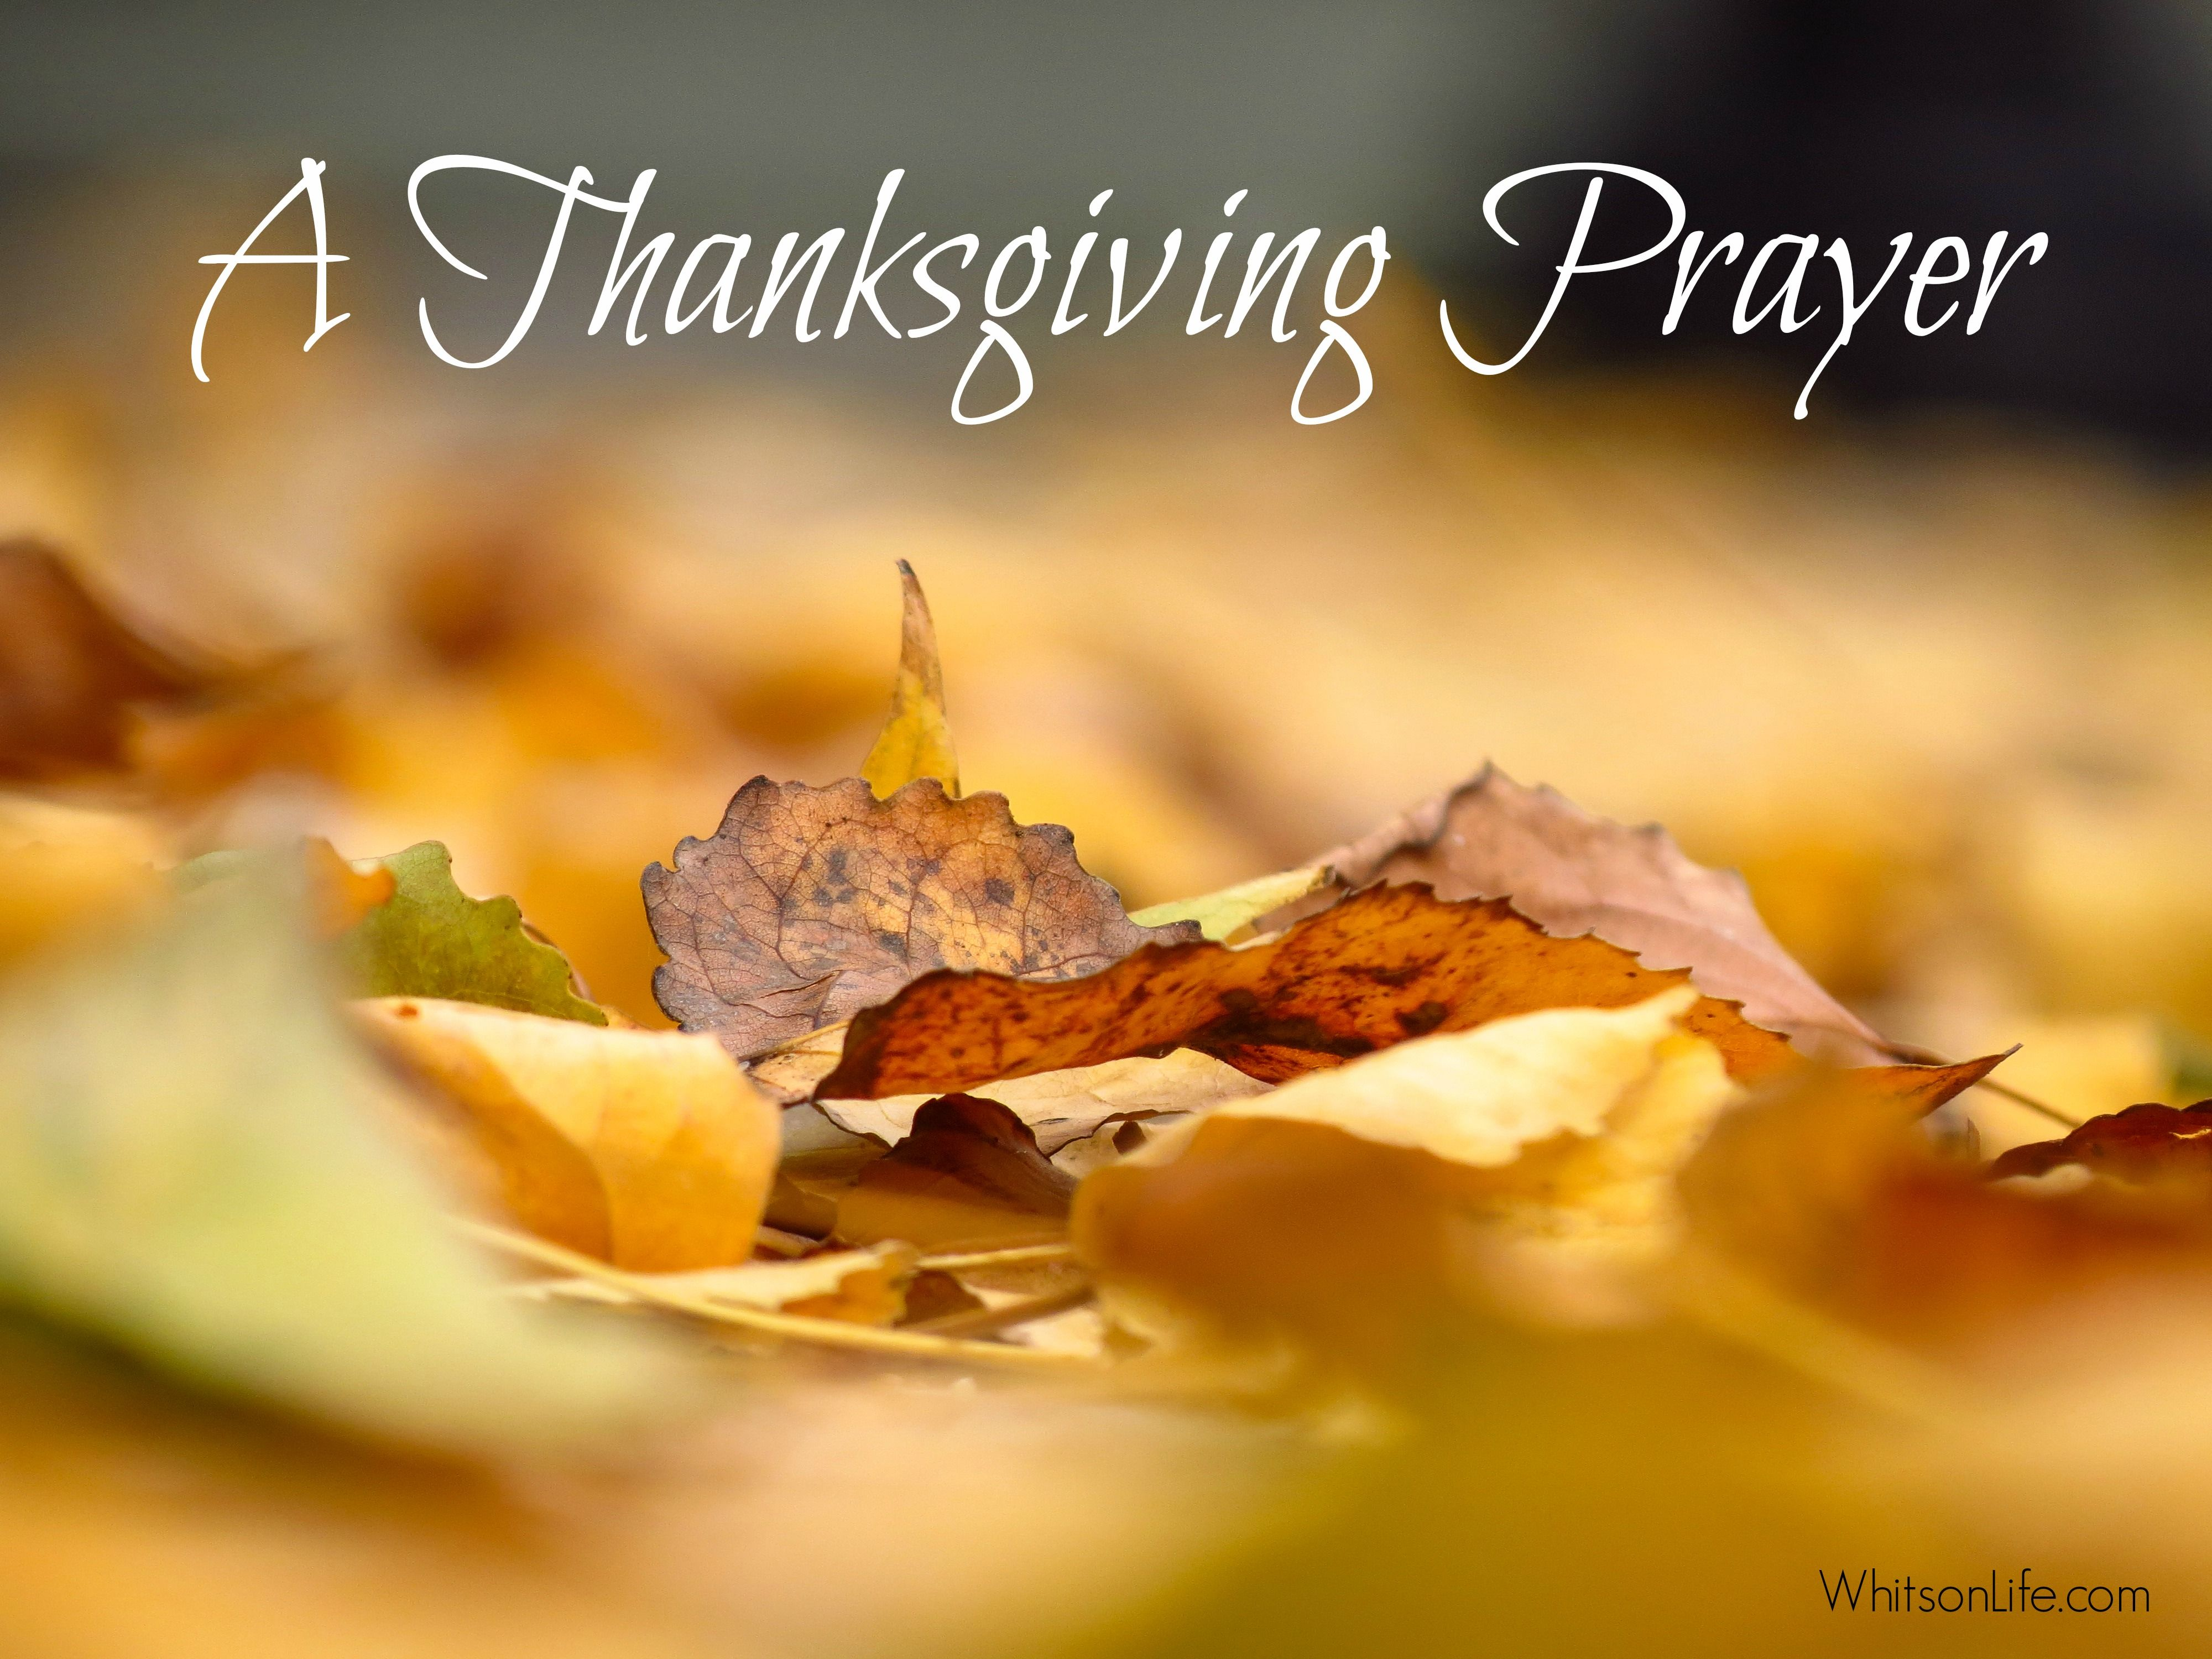 A Prayer Of Thanksgiving Prayer Service A Prayer Short Thanksgiving Prayer Thanksgiving Prayers